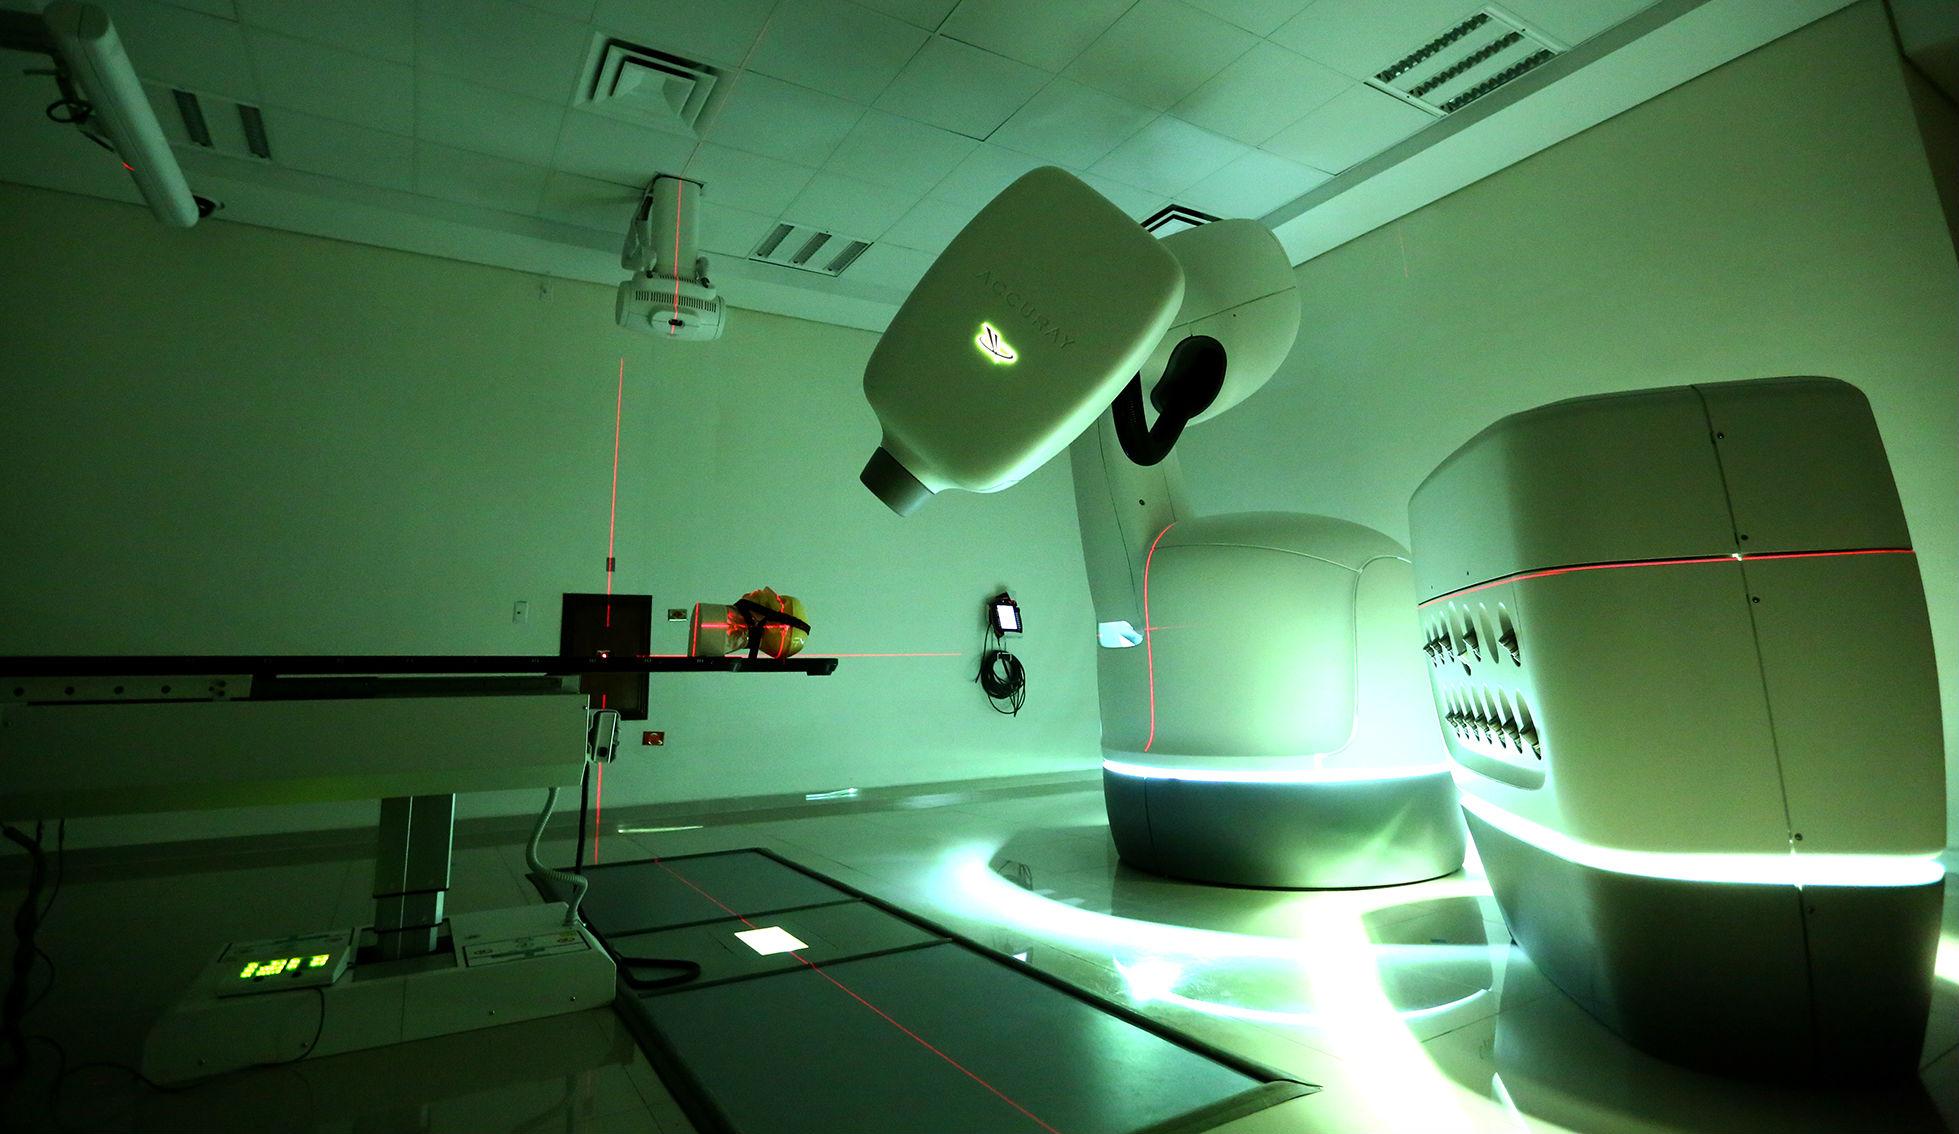 Equipo de alta tecnología en el tratamiento de cáncer